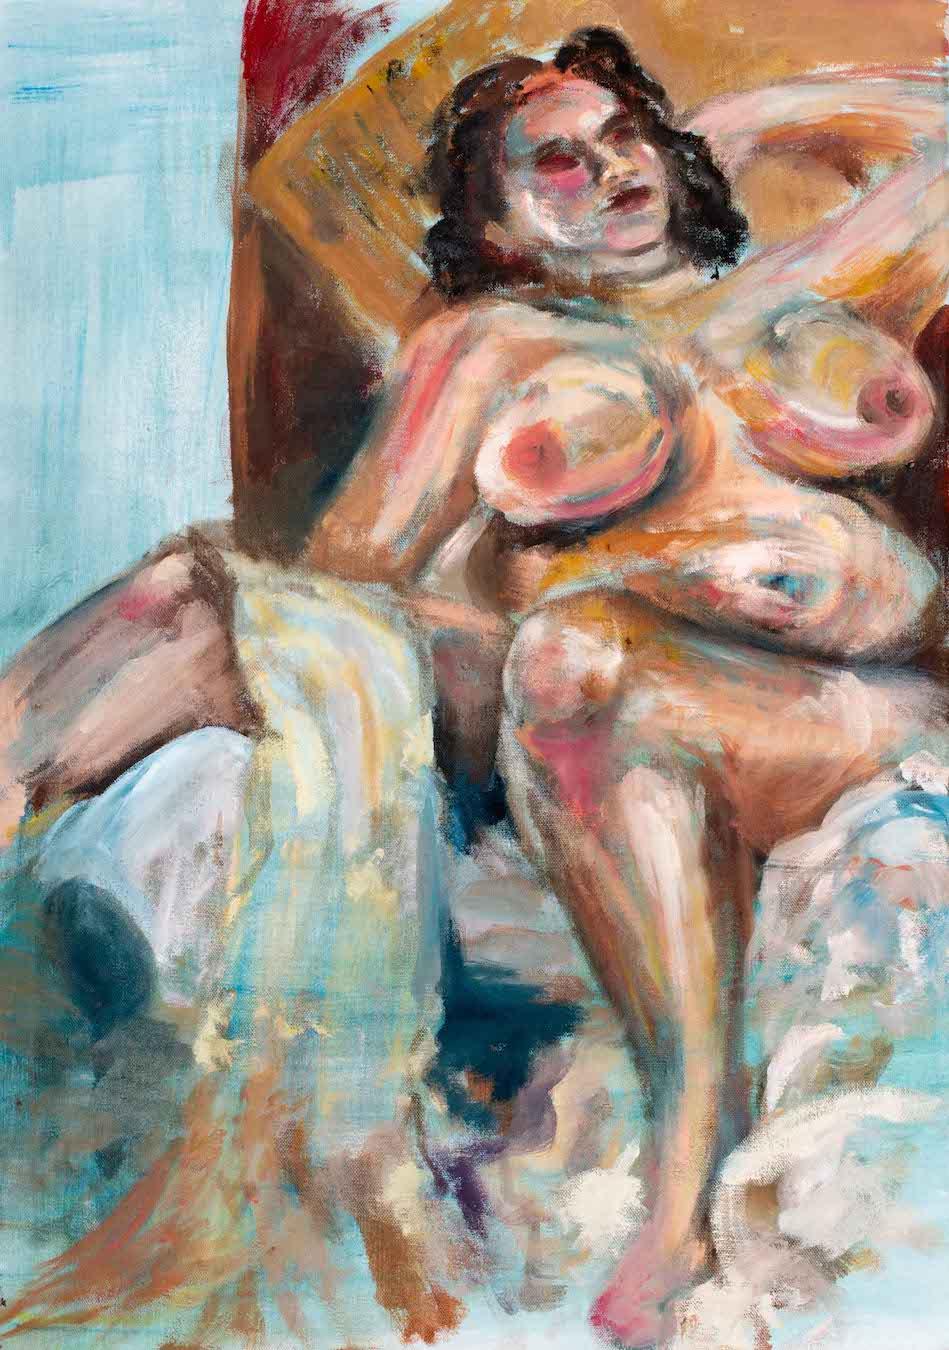 naked female lounging